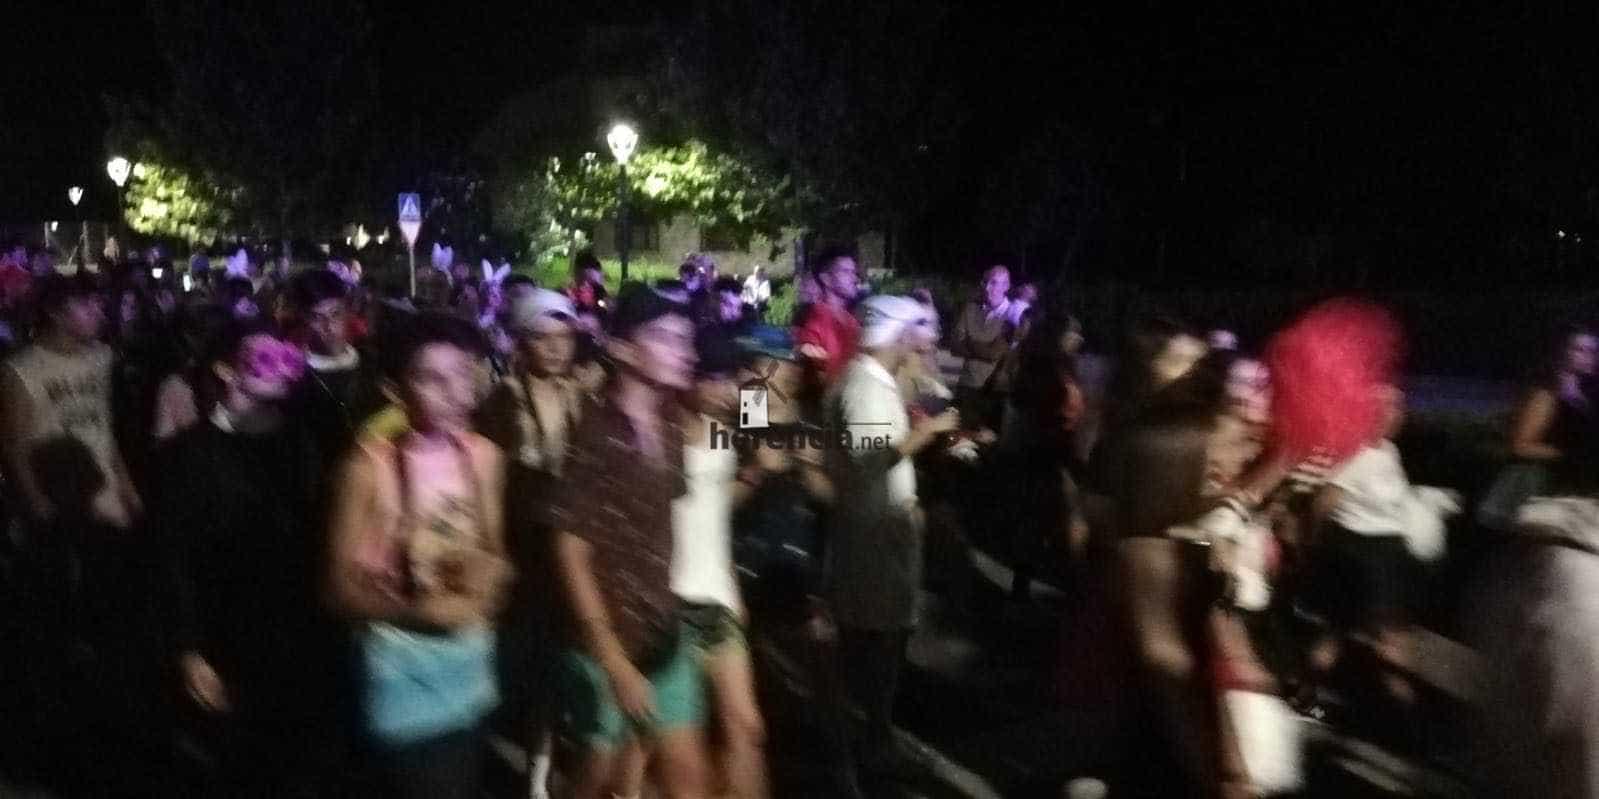 Carnaval de herencia 2019 galeria 5 - Galería de fotografías del Carnaval de Verano 2019